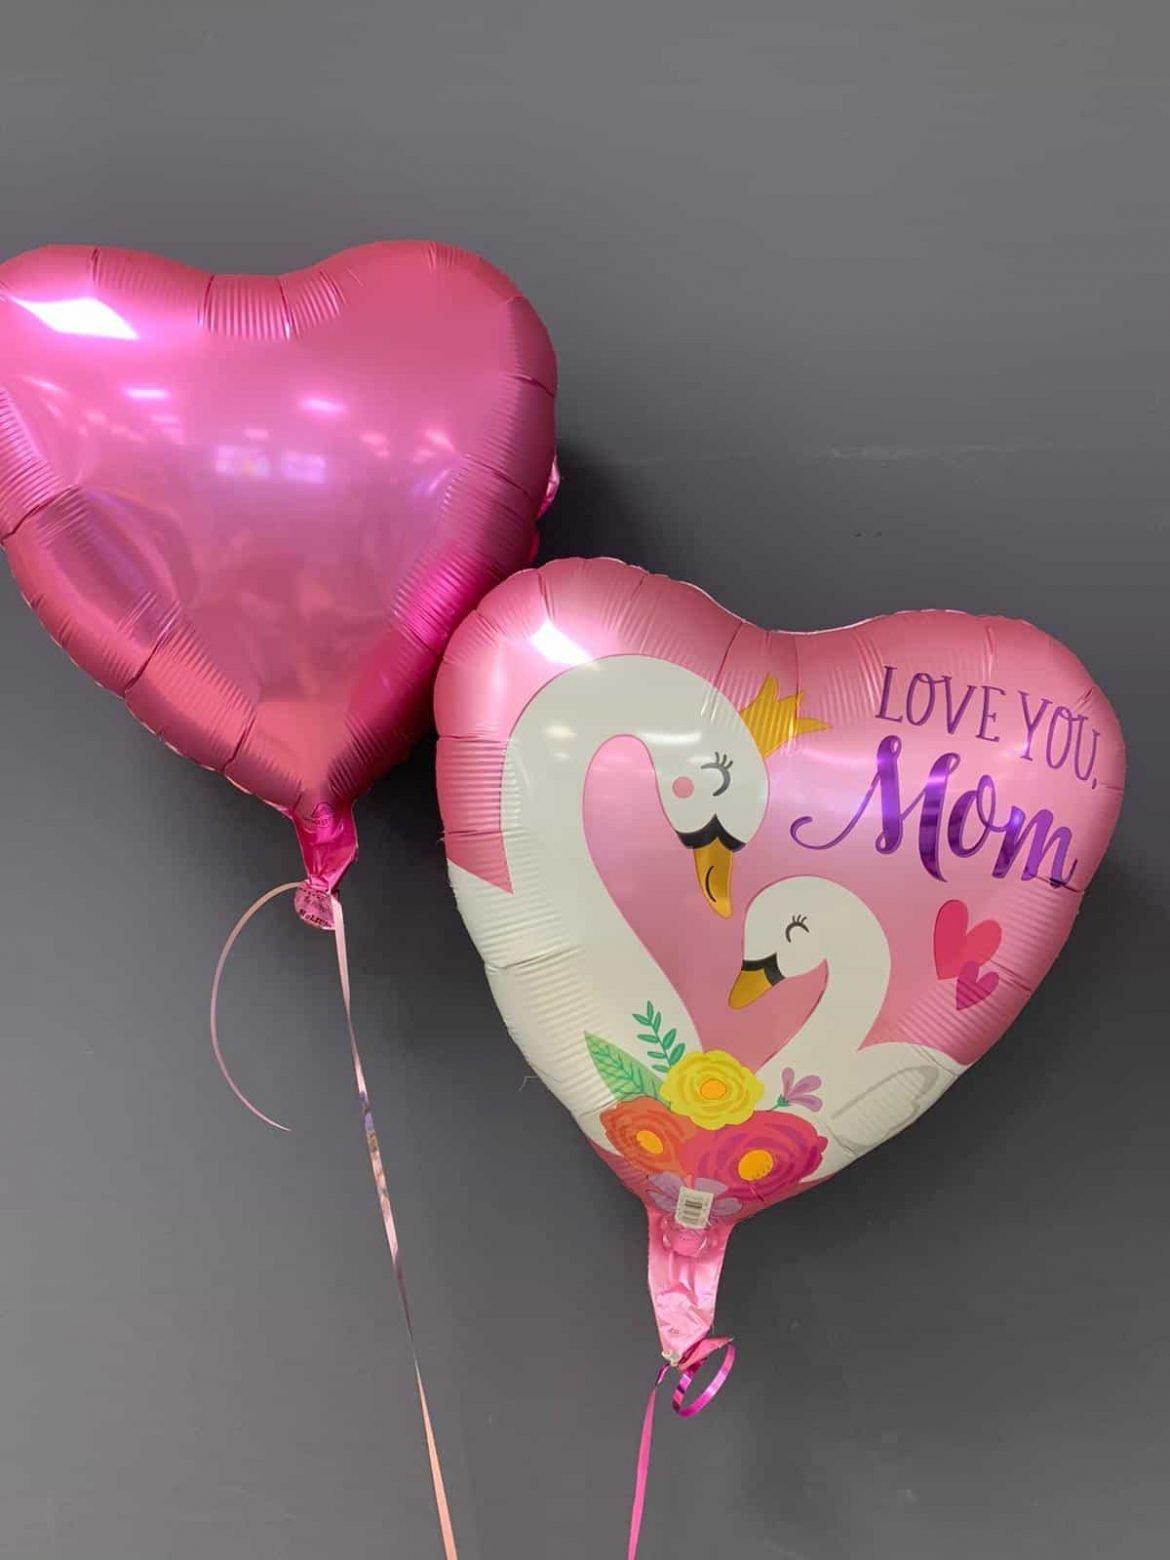 Love you Mom Ballon € 5,50 und Dekoballon € 4,50 1